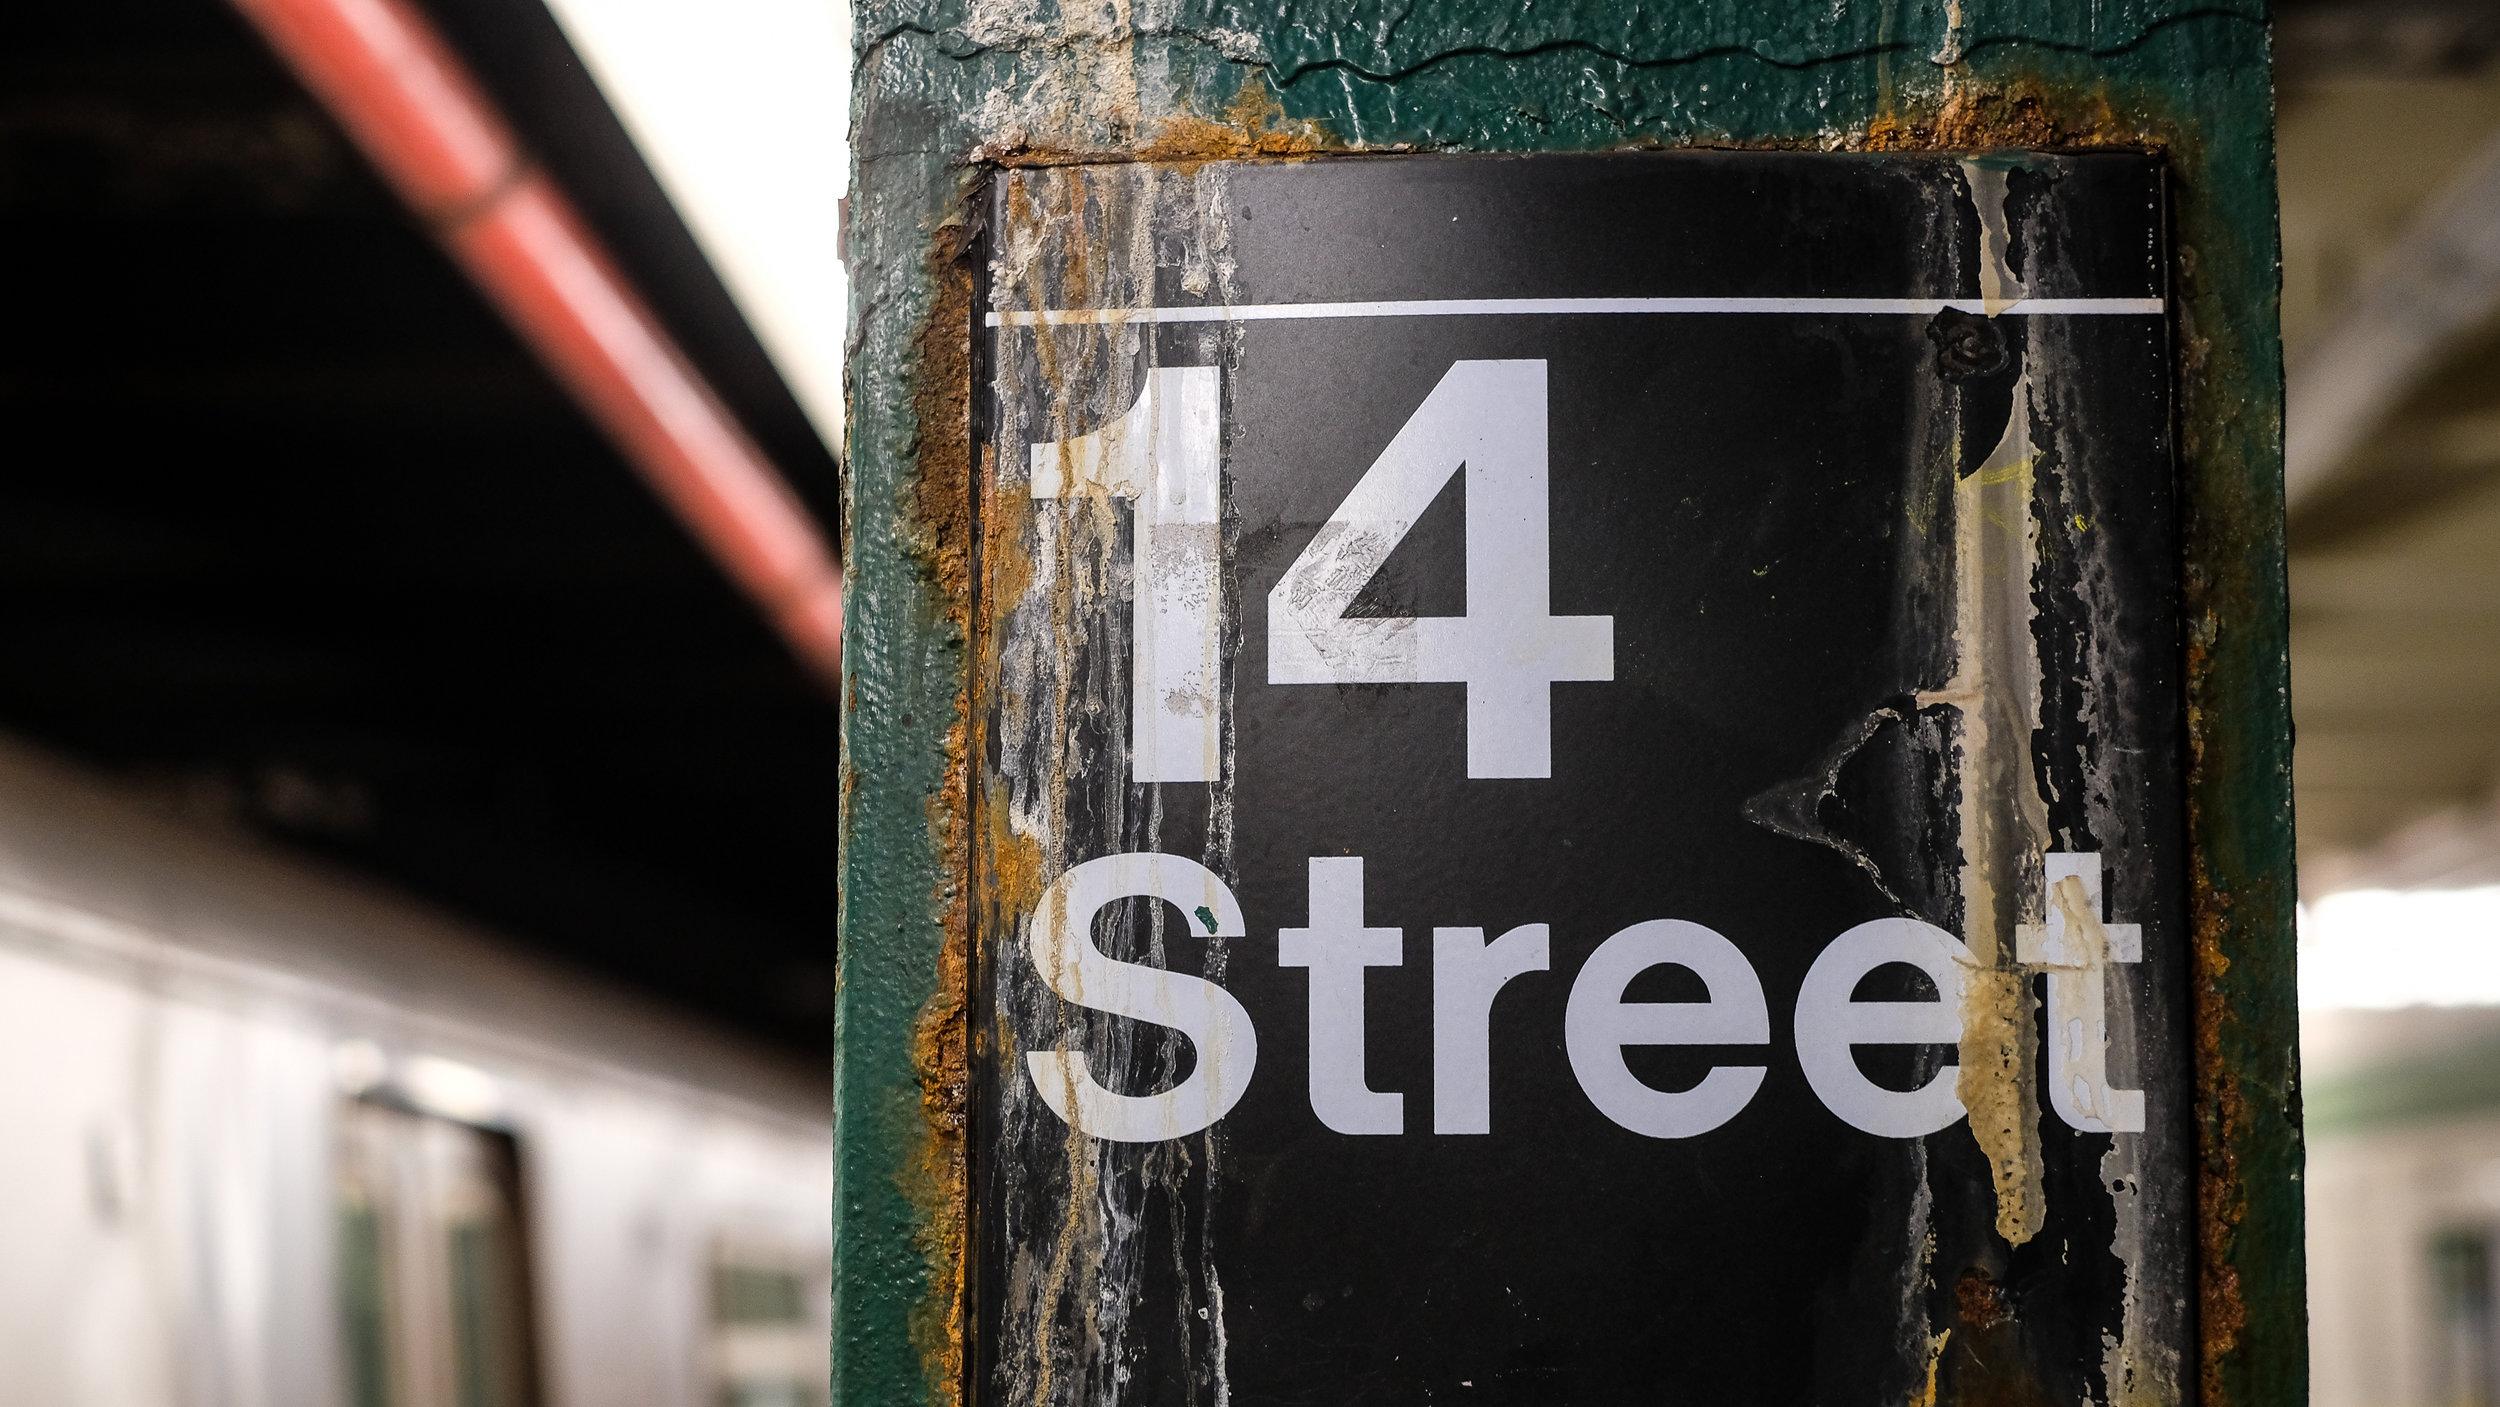 F train. 14th Street.